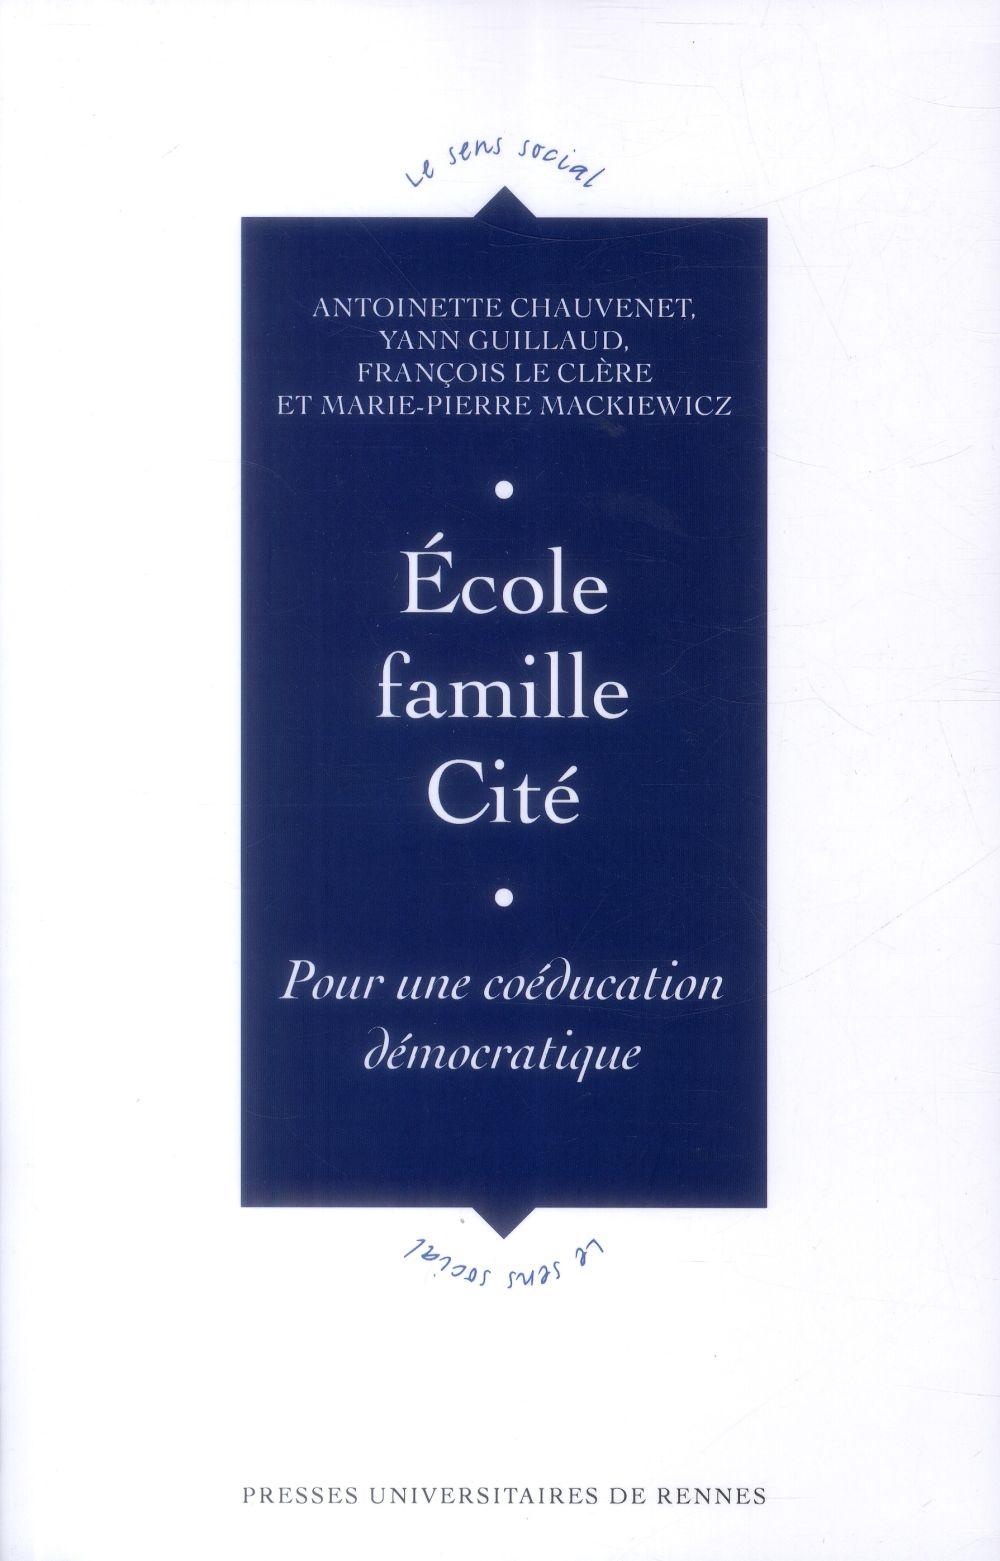 ECOLE, FAMILLE, CITE POUR UNE COEDUCATION DEMOCRATIQUE